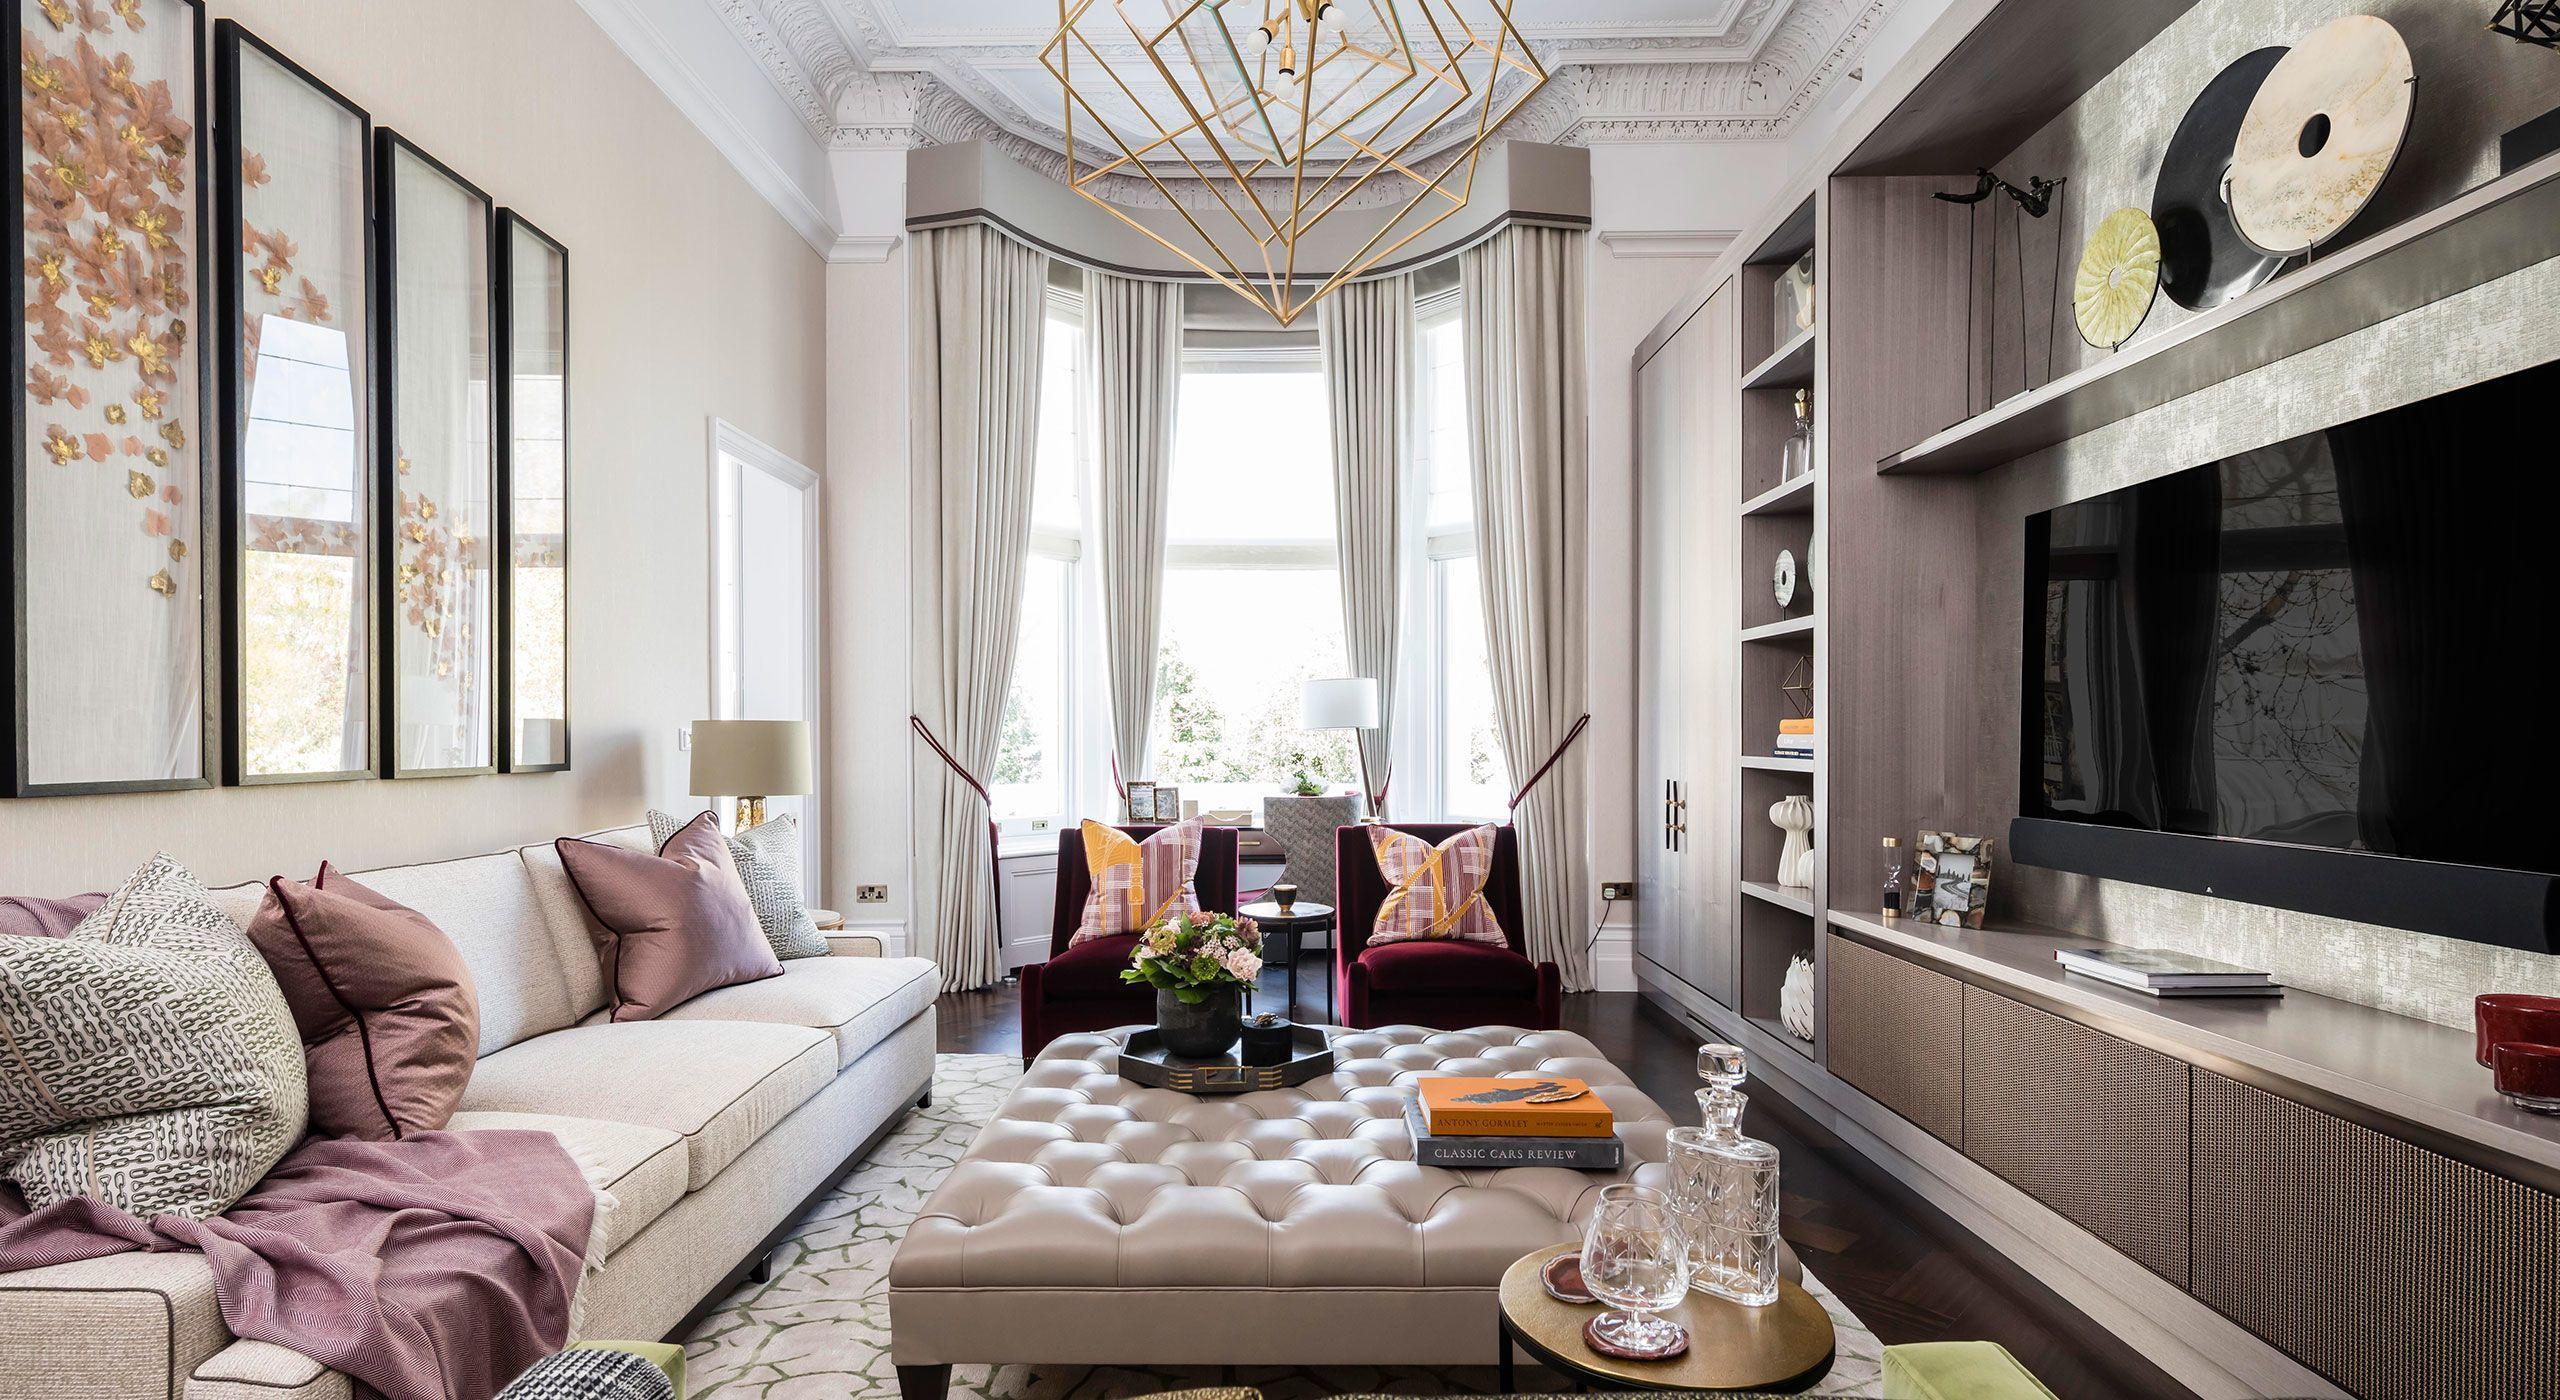 4 Top Interior Design Trends For 2020 Mansion Global Master Bedroom Interior Design Interior Design Trends Interior Design Awards